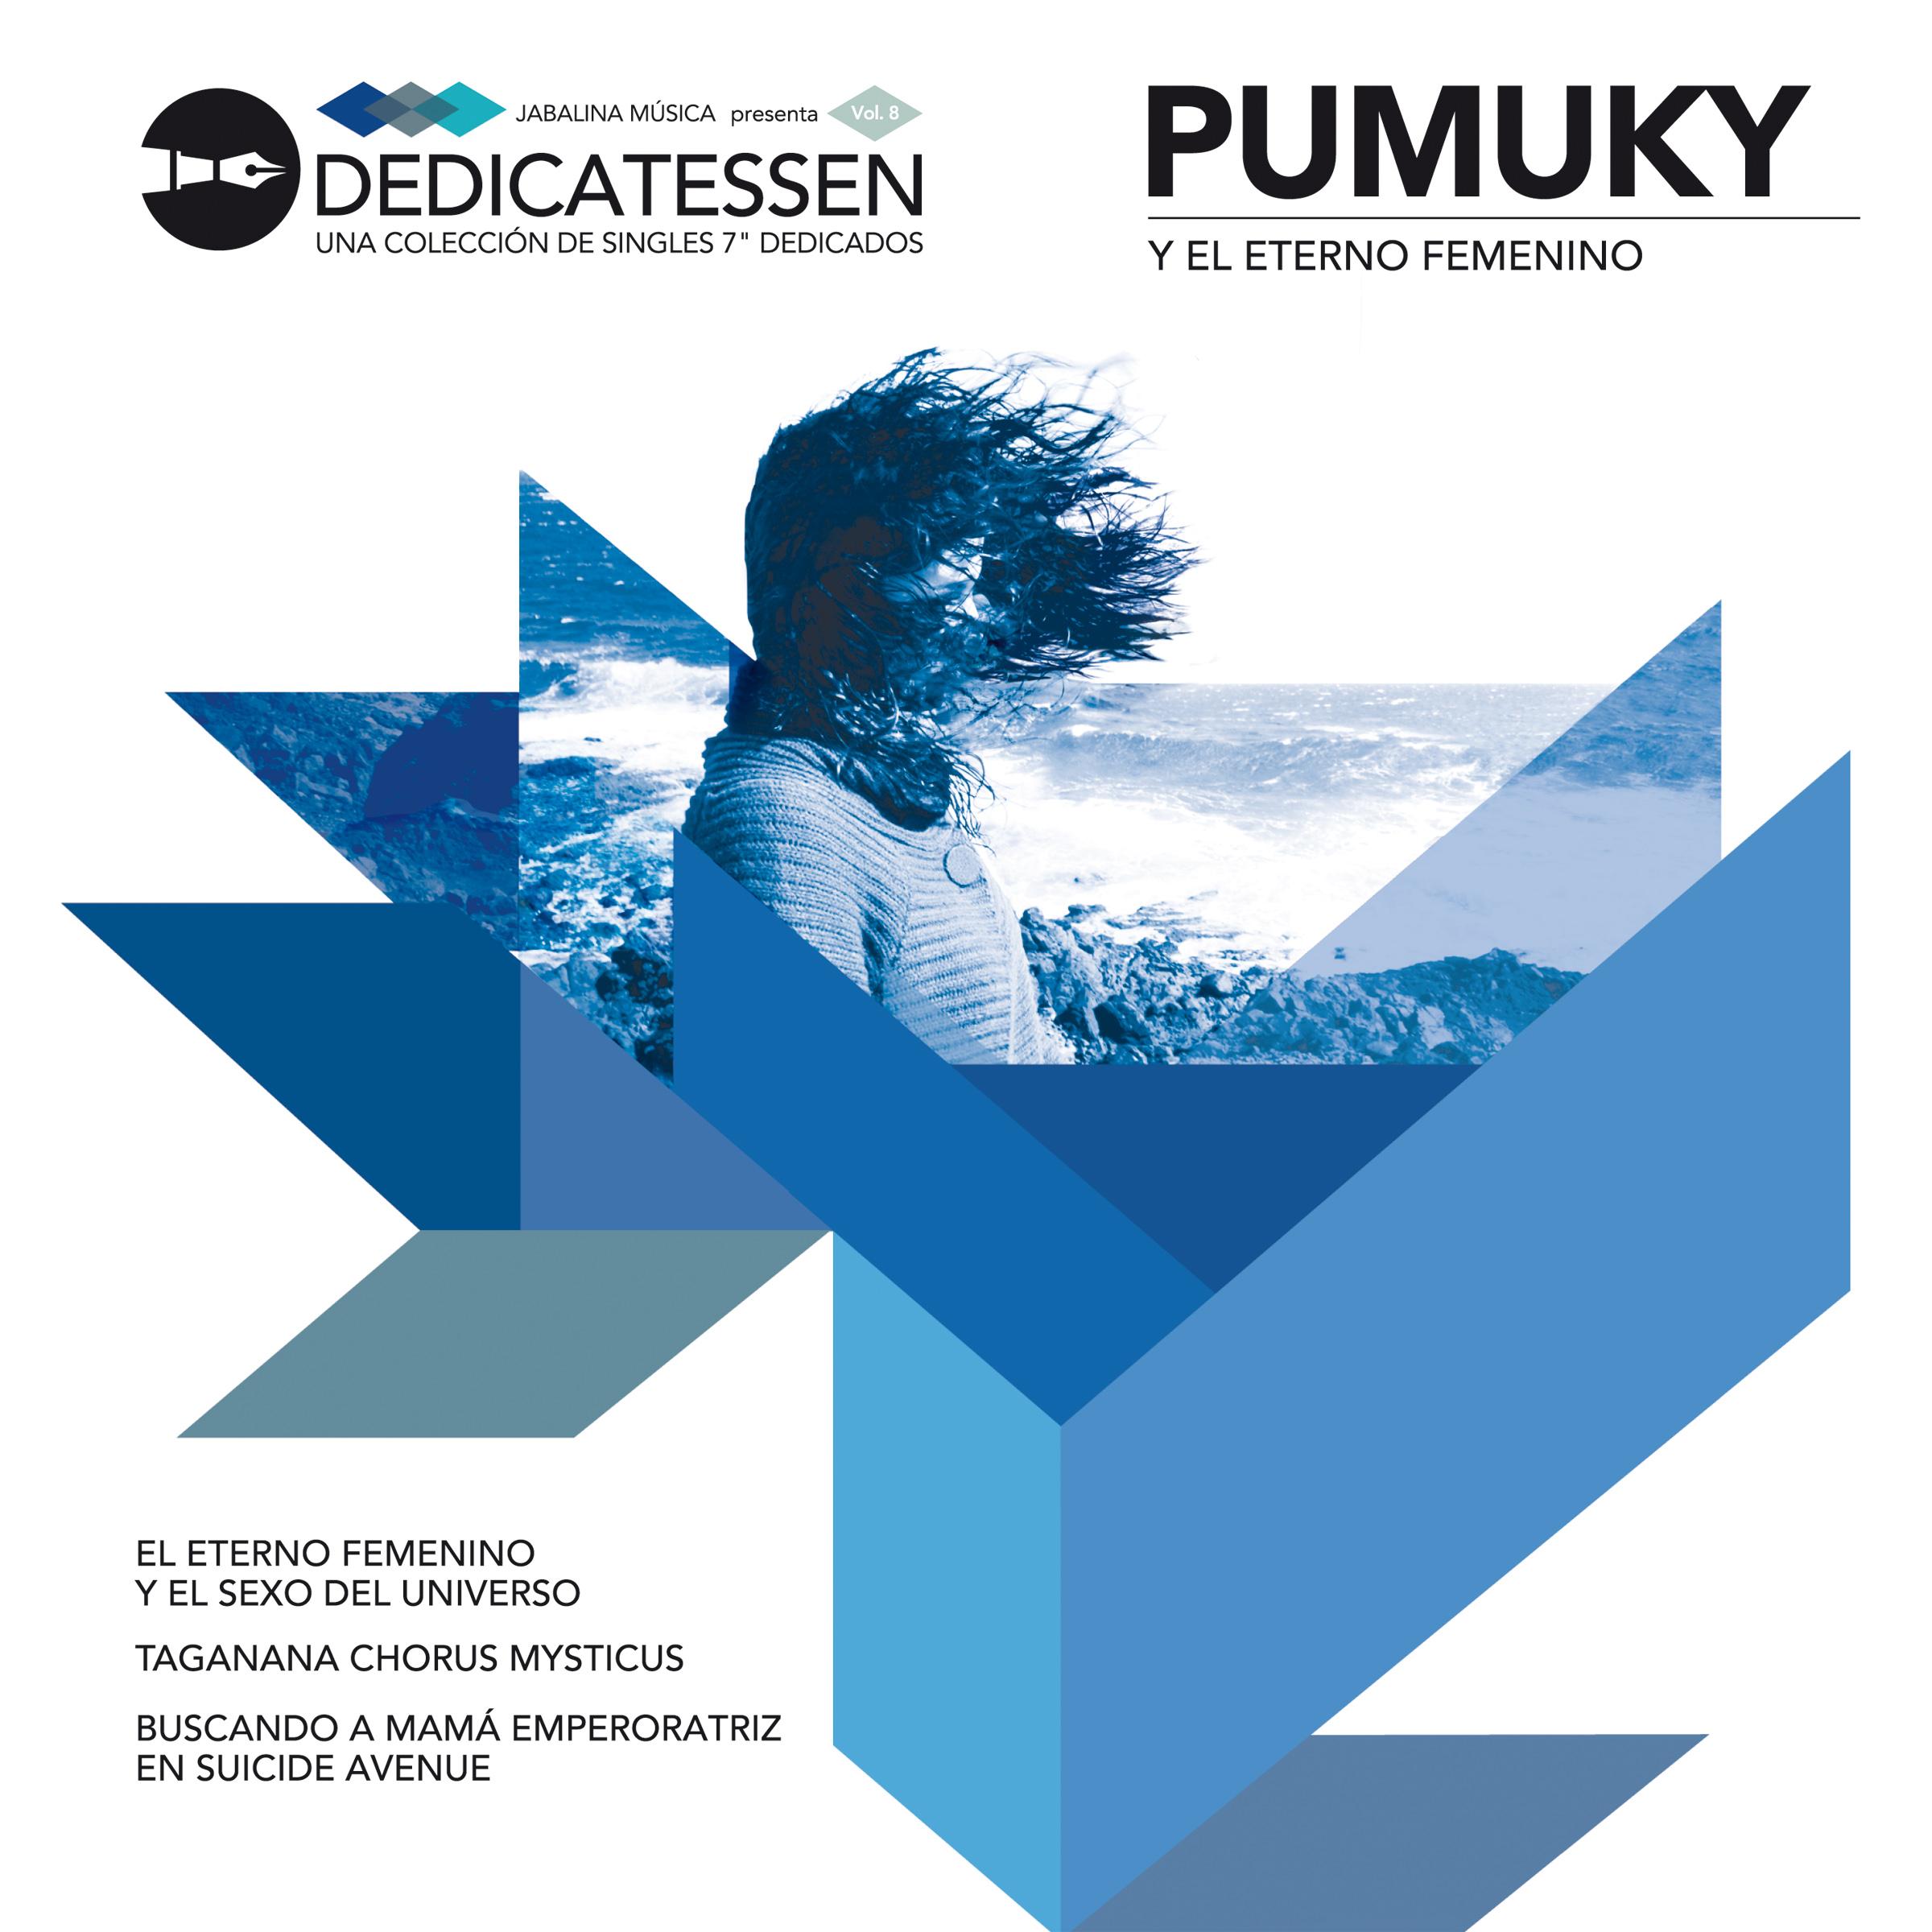 """Pumuky """"Pumuky y el eterno femenino"""" enero-2013 Jabalina portada"""